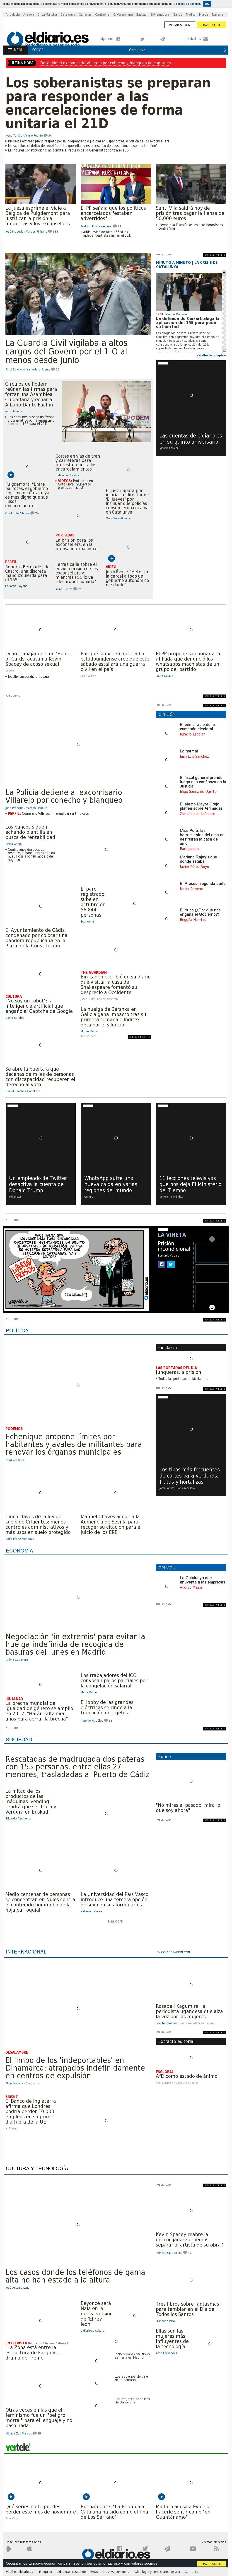 El Diario at Friday Nov. 3, 2017, 12:04 p.m. UTC